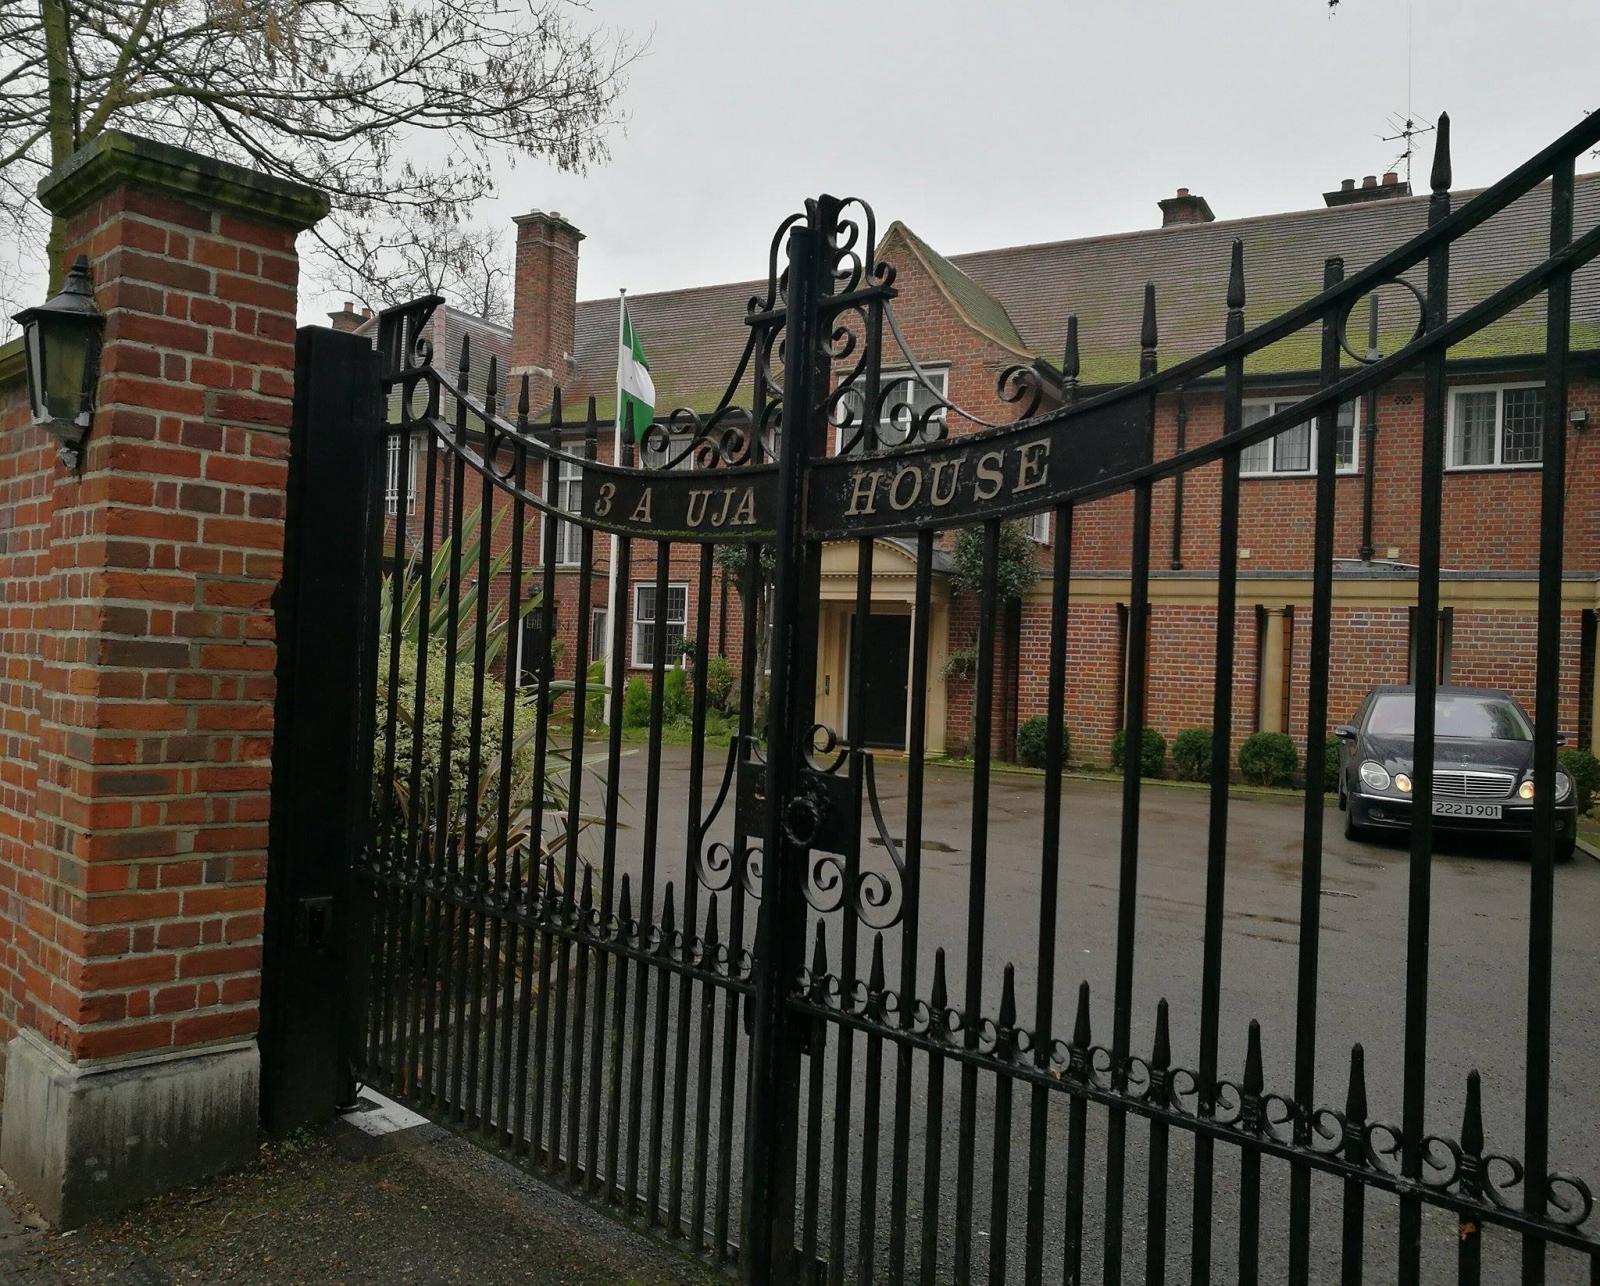 Abuja House London